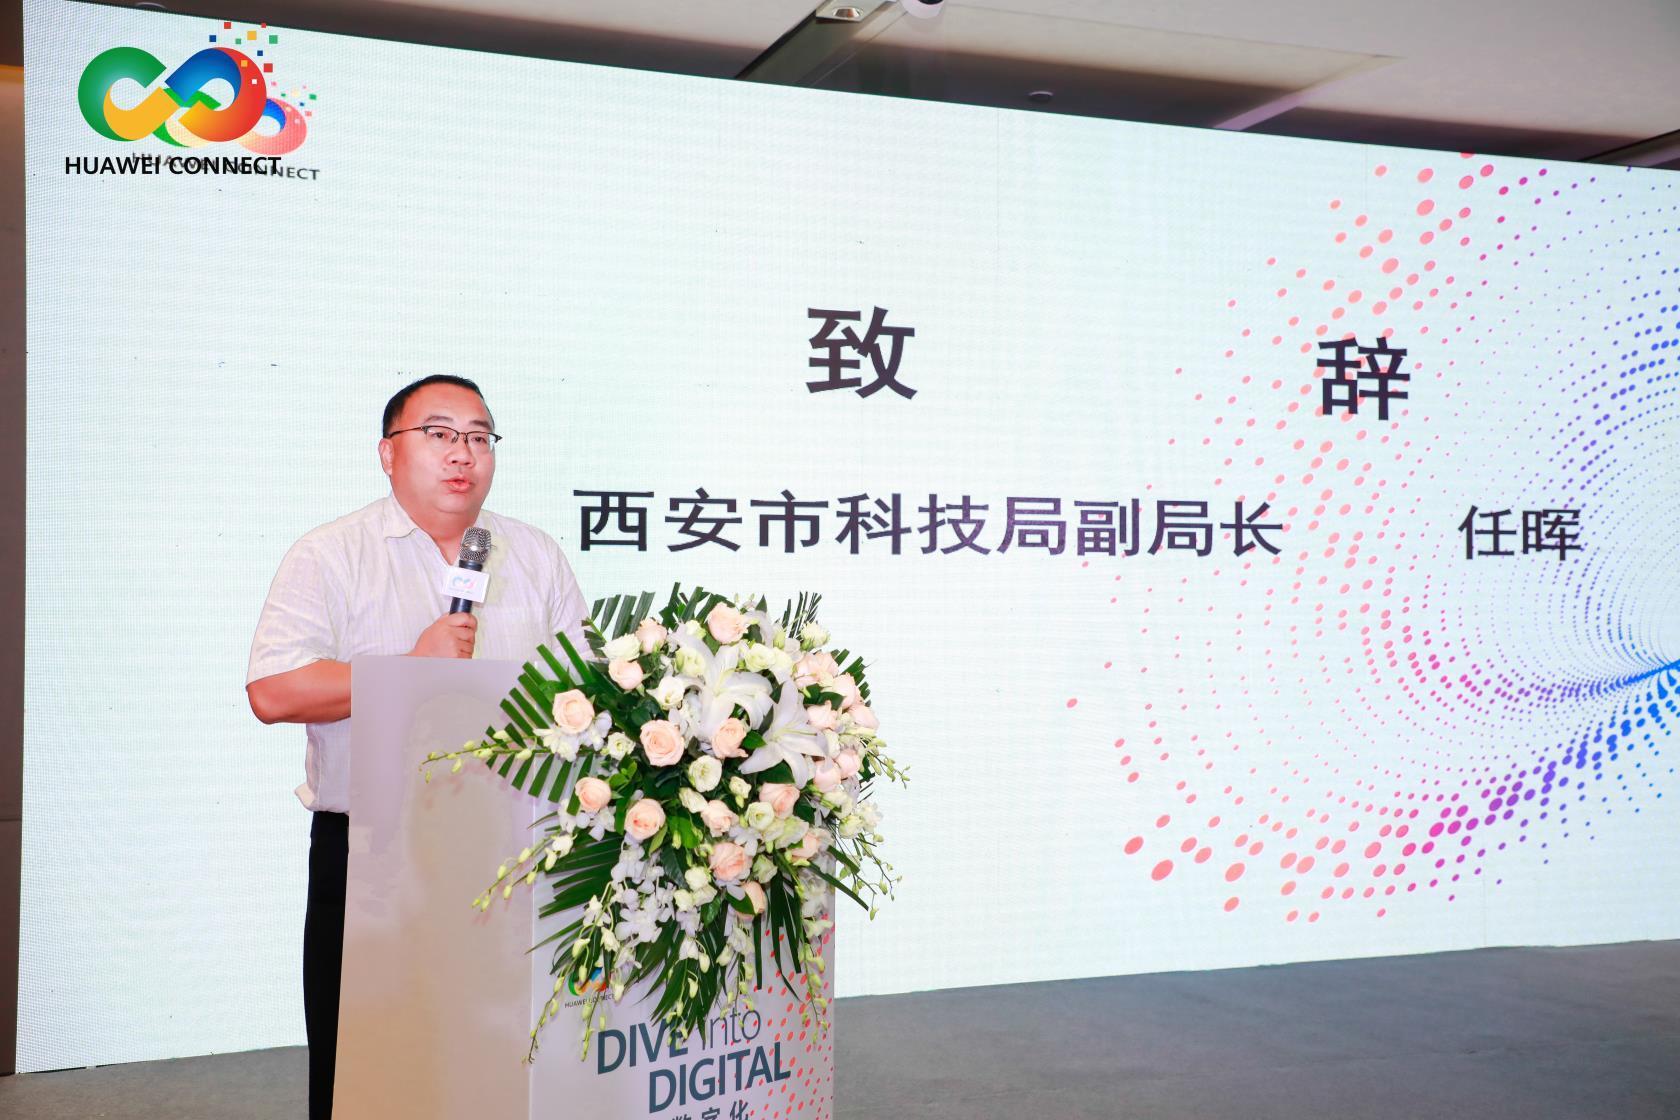 昇腾智造中国行·西安站暨人工智能双链融通对接会成功举办